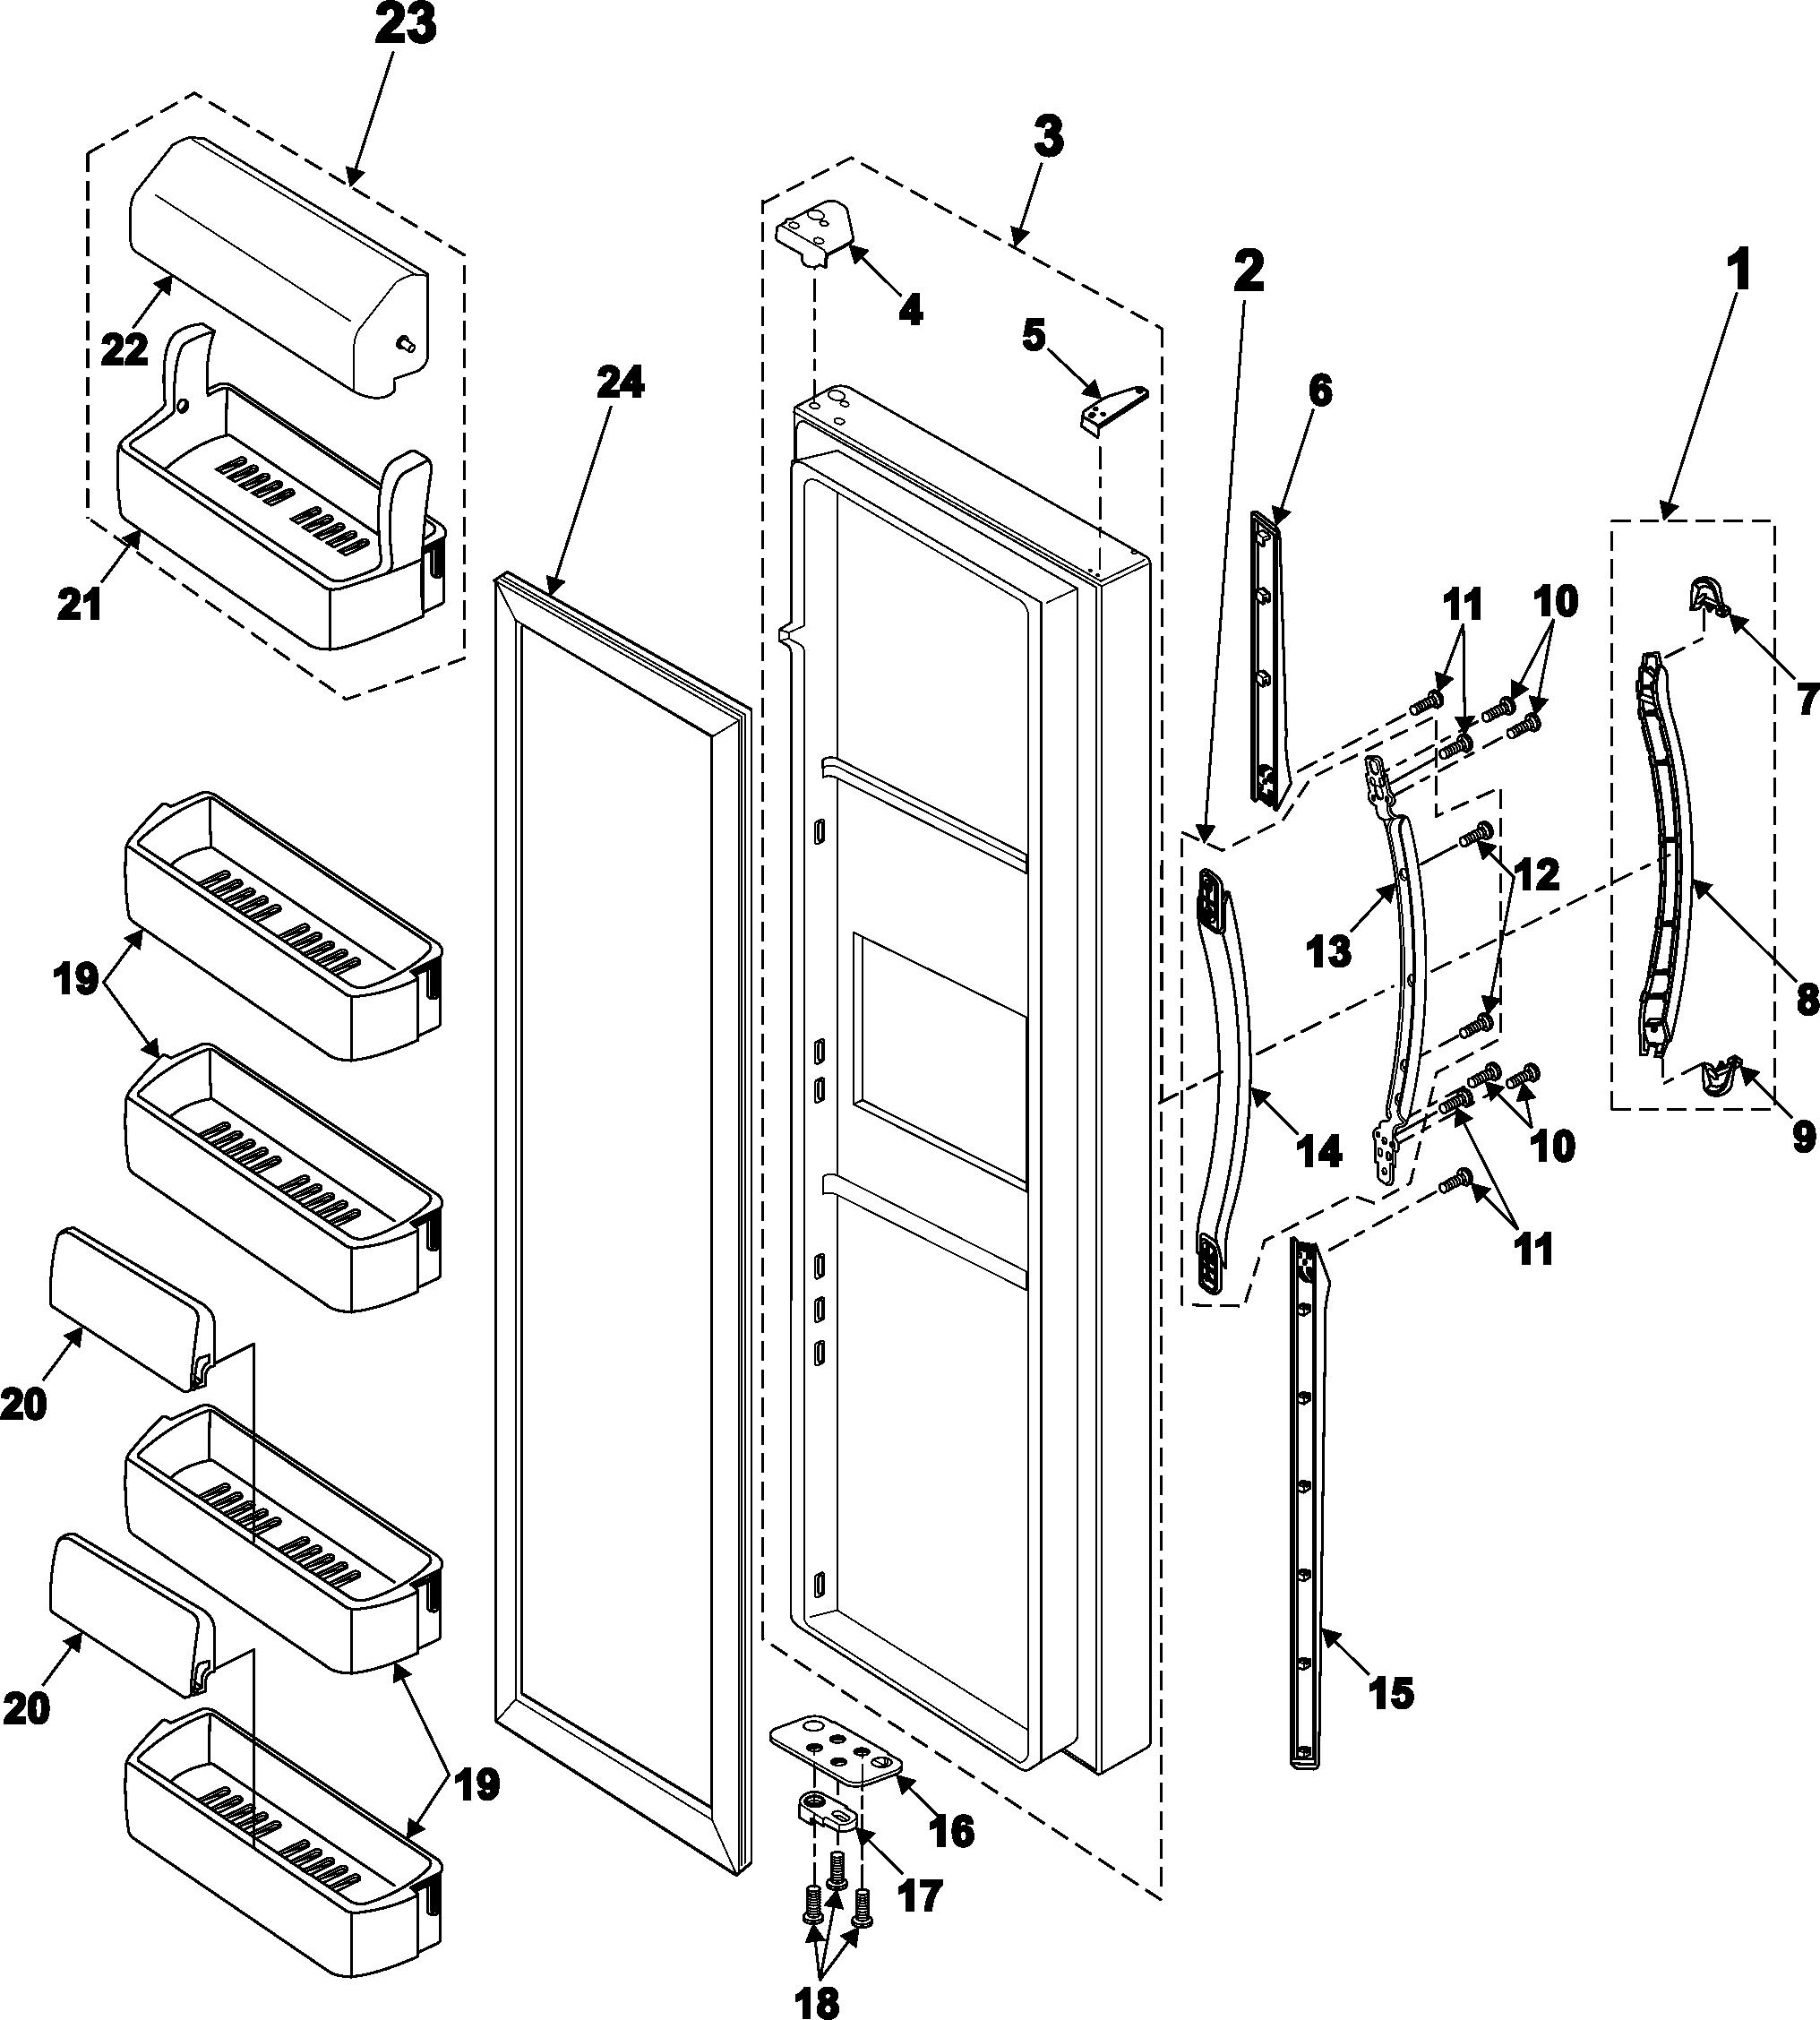 Samsung Samsung Refrigeration Parts Model Rs2533vqxaa